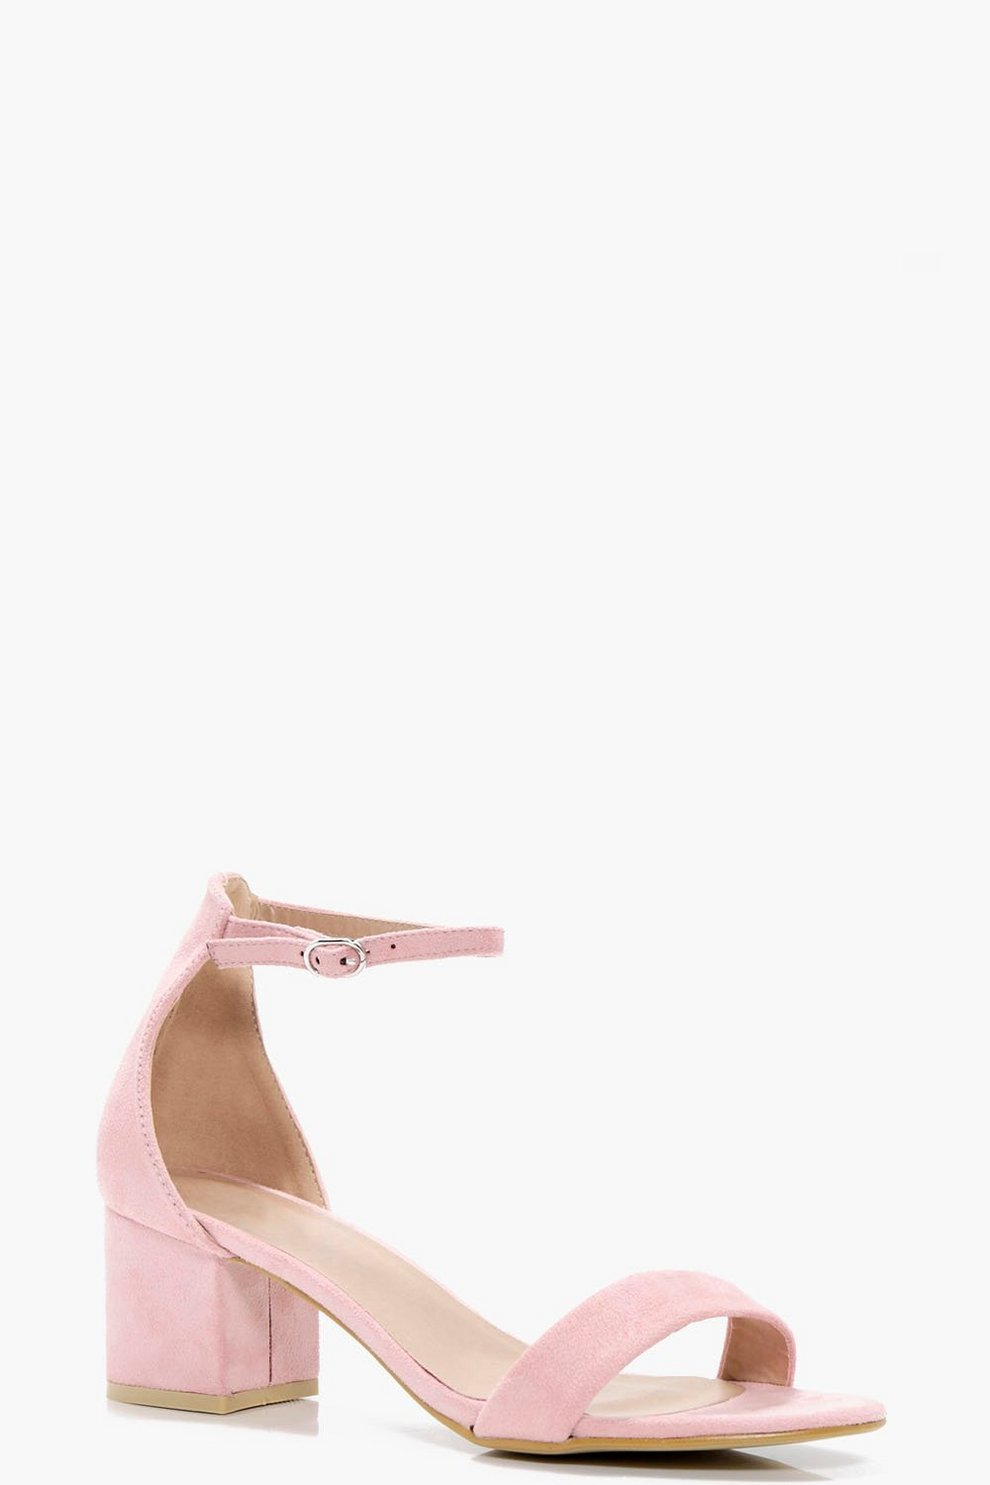 0befe6b8481 Low Block Heels